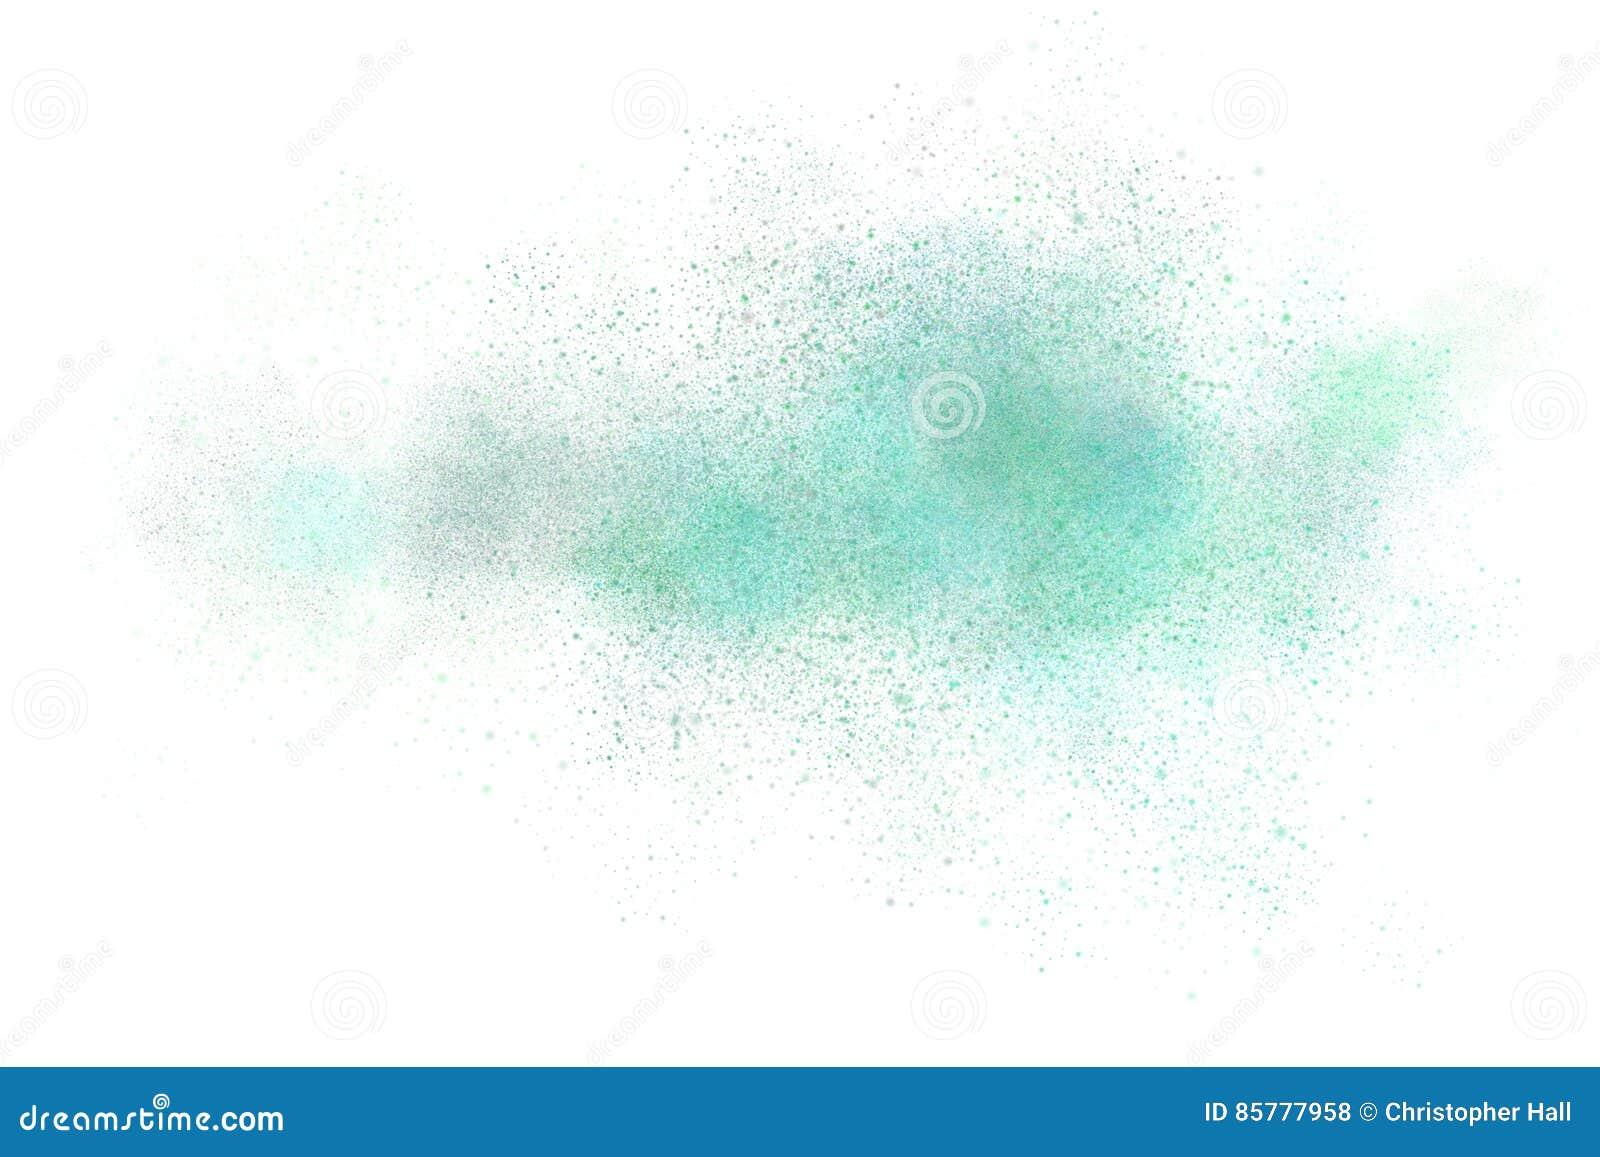 Αφηρημένο σχέδιο σκόνης για τη χρήση ως υπόβαθρο